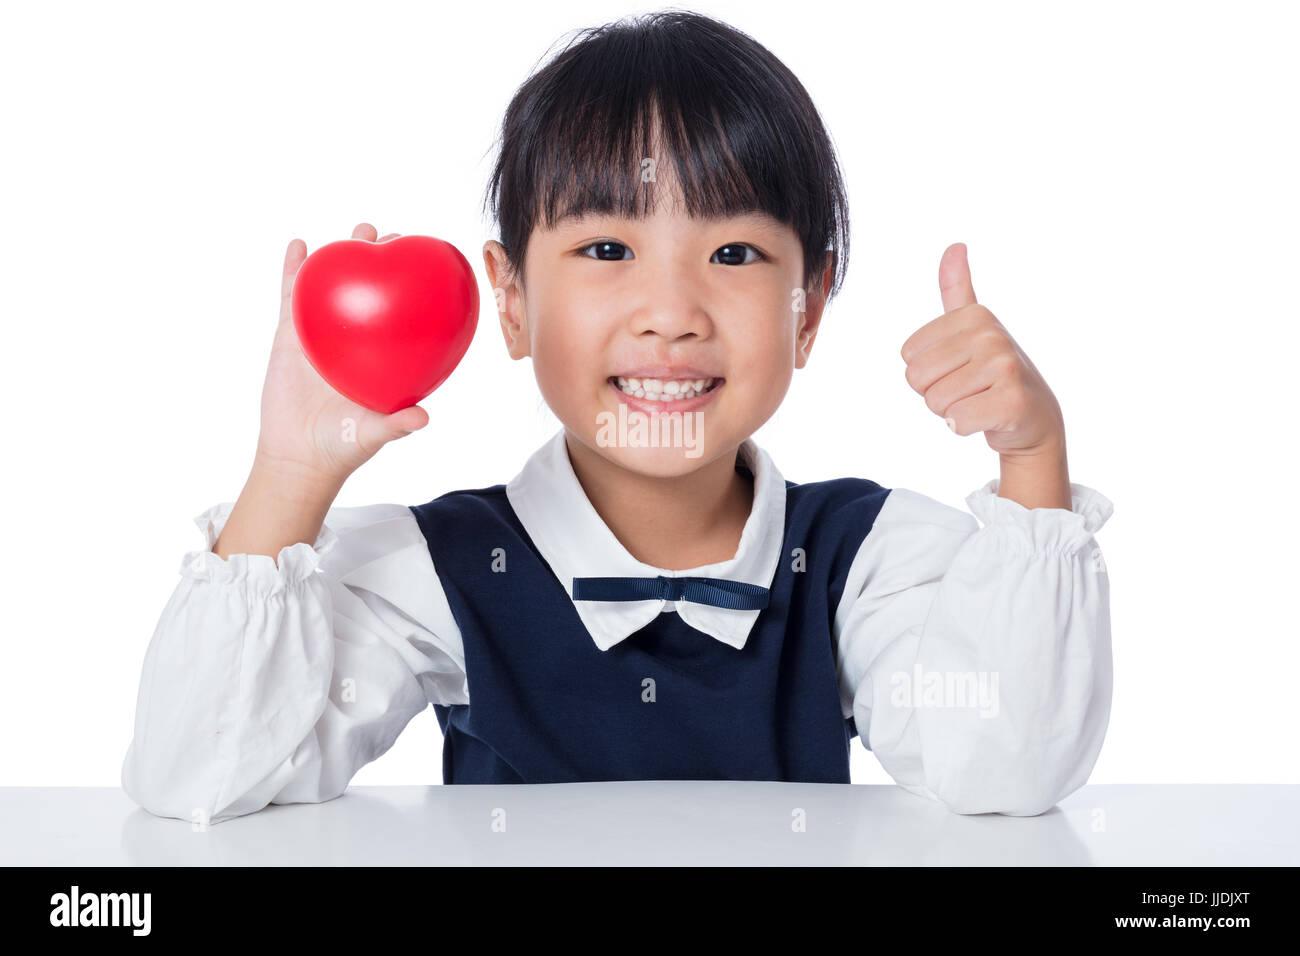 Asiatische chinesische Mädchen halten Rote Herzchen in isolierten weißen Hintergrund Stockfoto